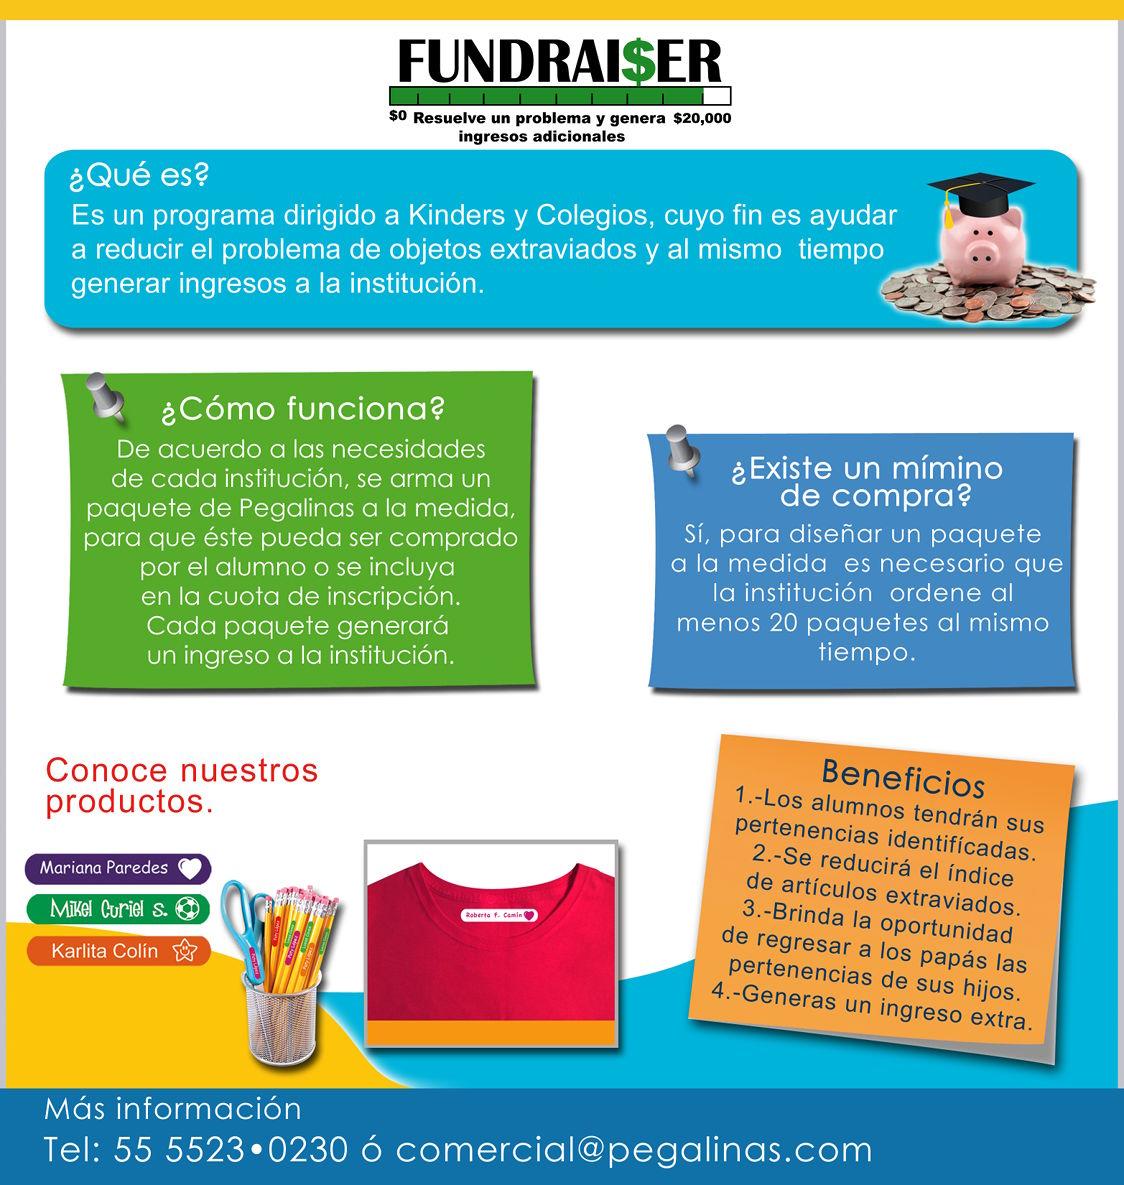 FundRaiser - Programa para kinders y colegios